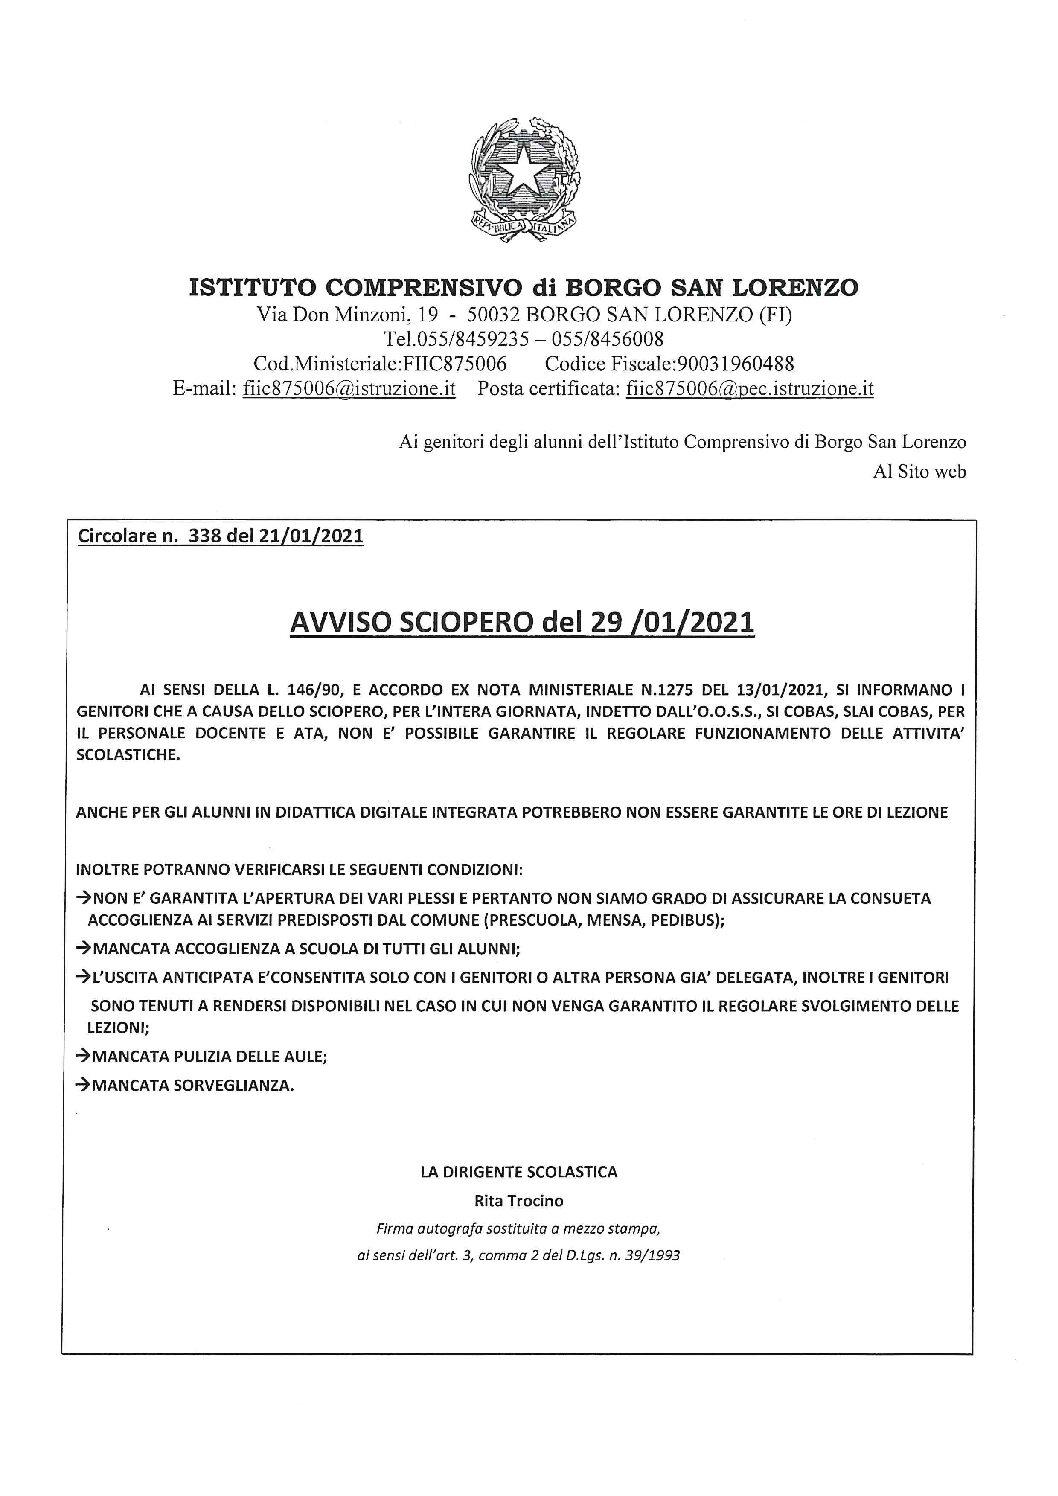 AVVISO SCIOPERO DEL 29-01-2021